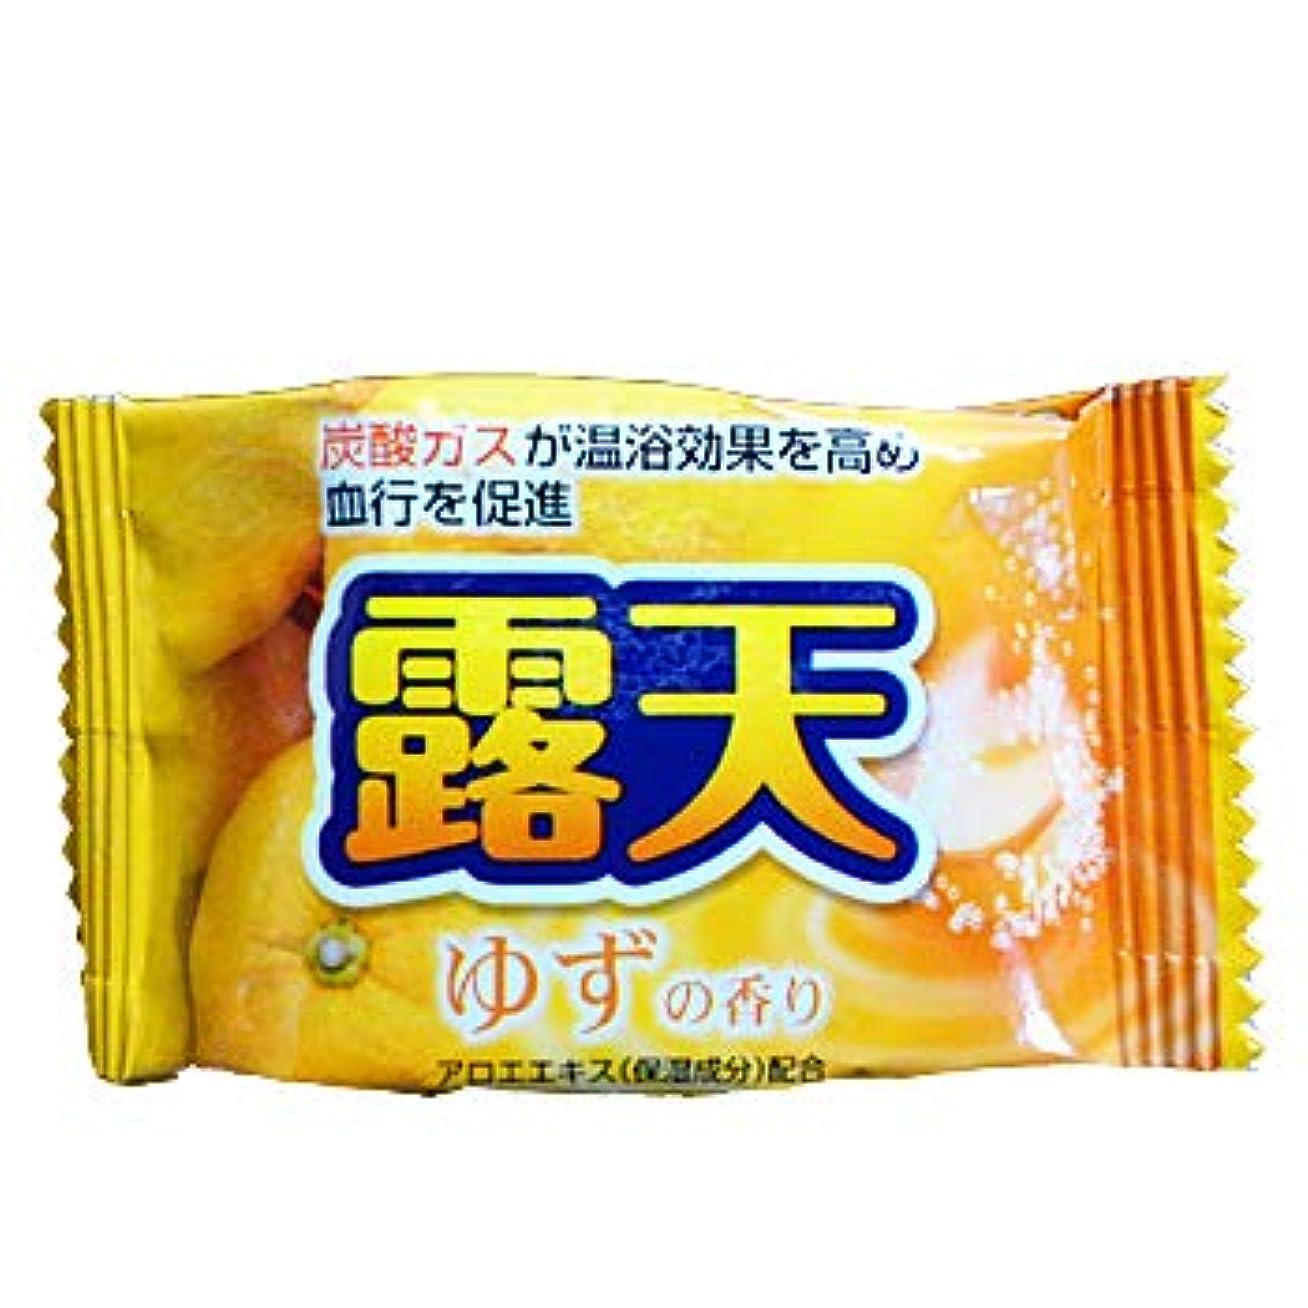 廃棄家庭教師エリート薬用発泡入浴剤 露天40g ゆずの香り(1セット400個入)